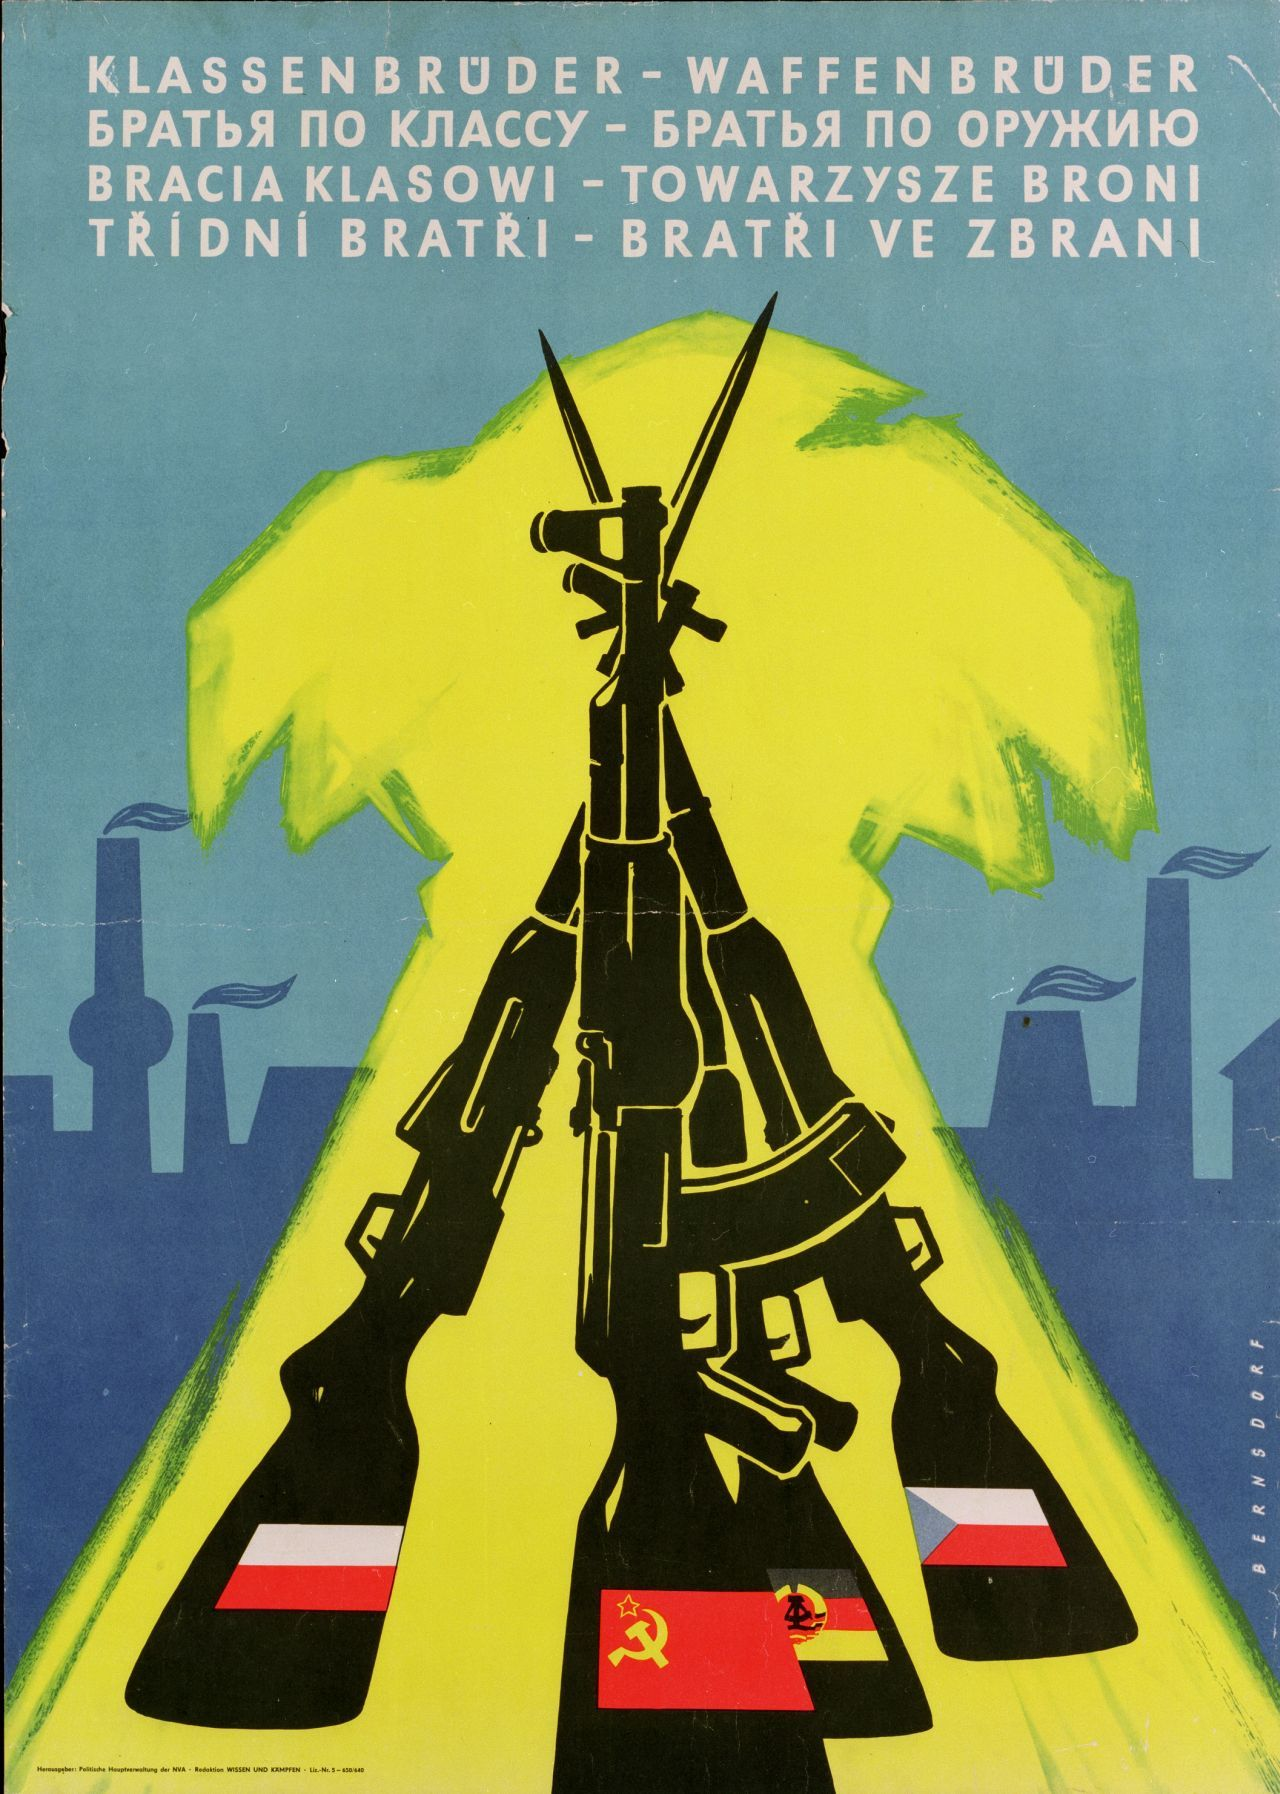 Plakat. Der Spruch 'Klassenbrüder - Waffenbrüder' wird auf dem Plakat in kyrillischer, polnischer und tschechischer Schrift wiederholt.